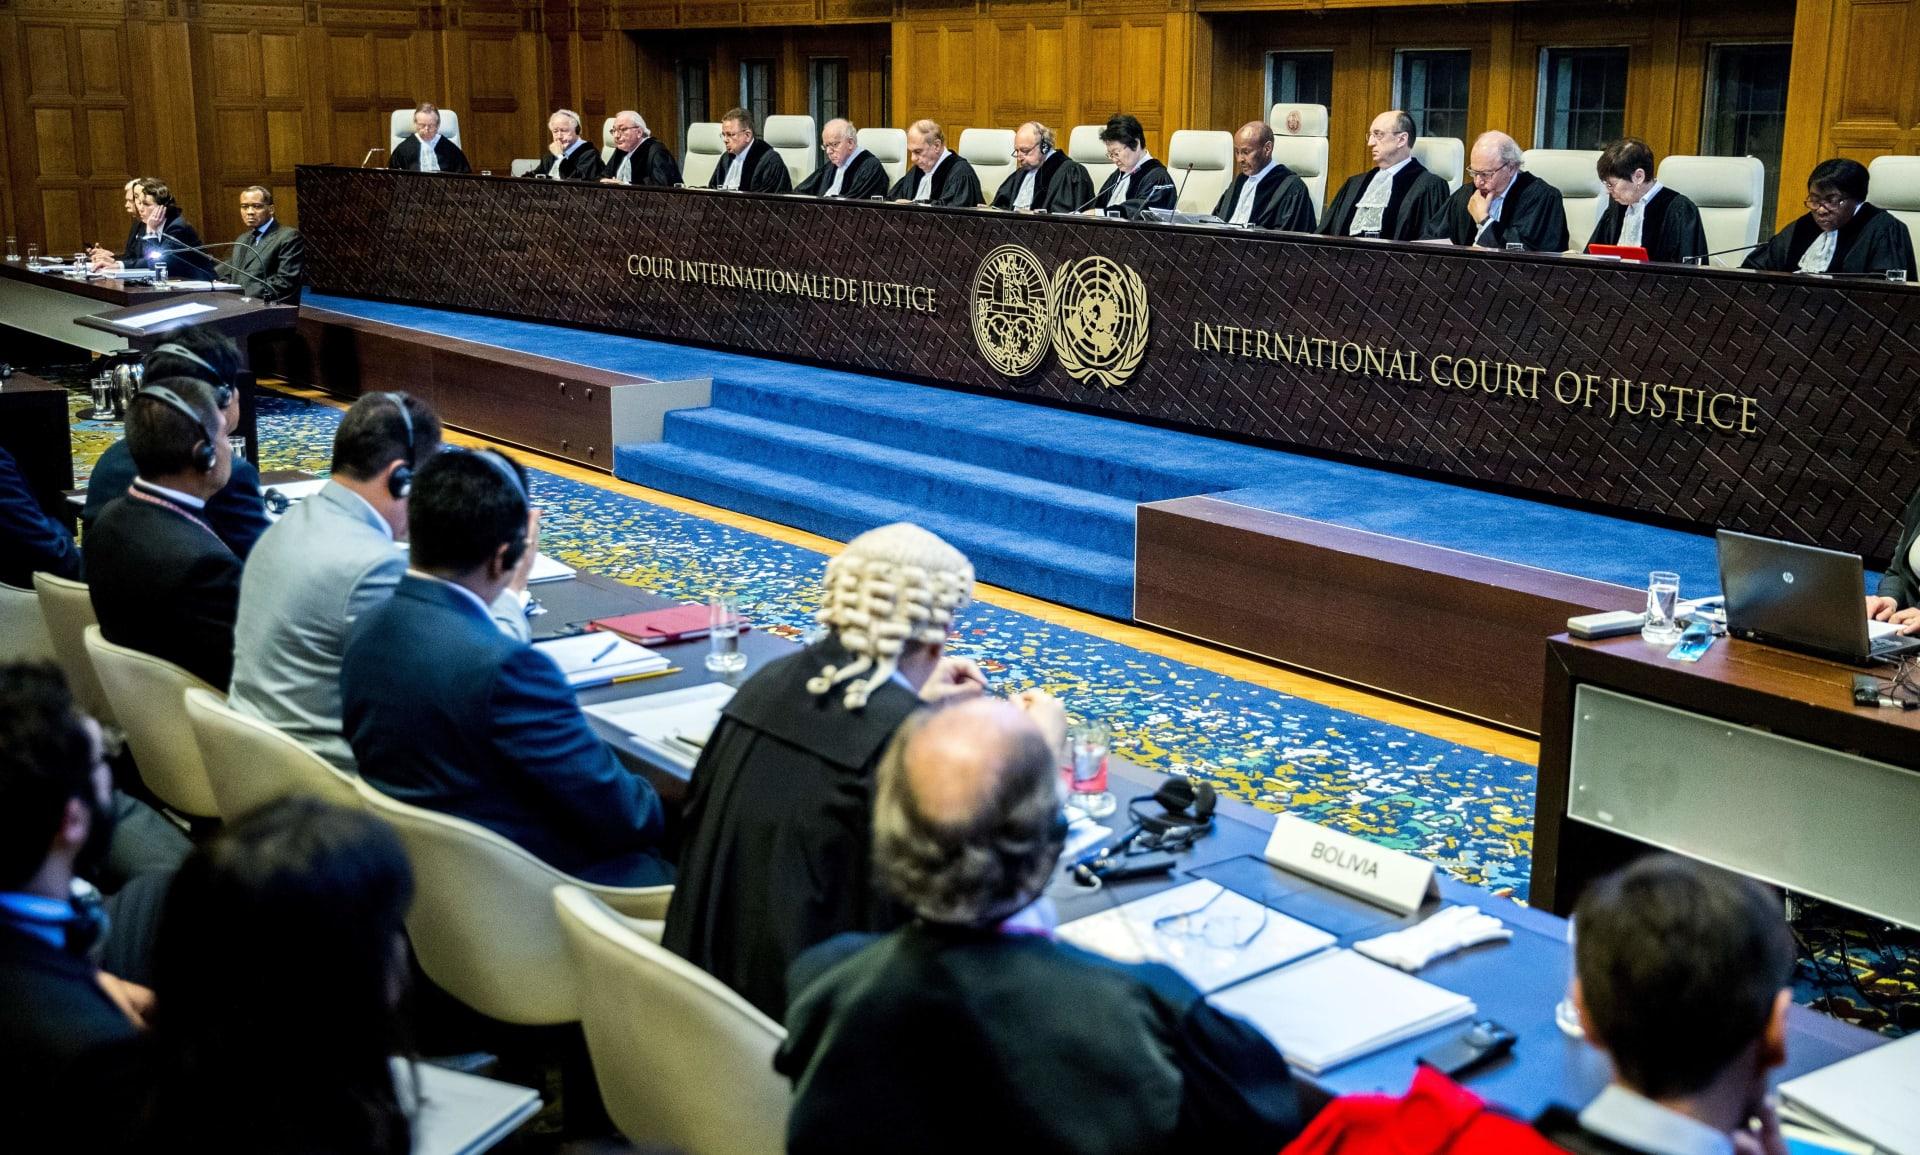 """الإمارات ترد على شكوى قطر في """"العدل الدولية"""": محاولة لصرف النظر عن أسباب المقاطعة"""